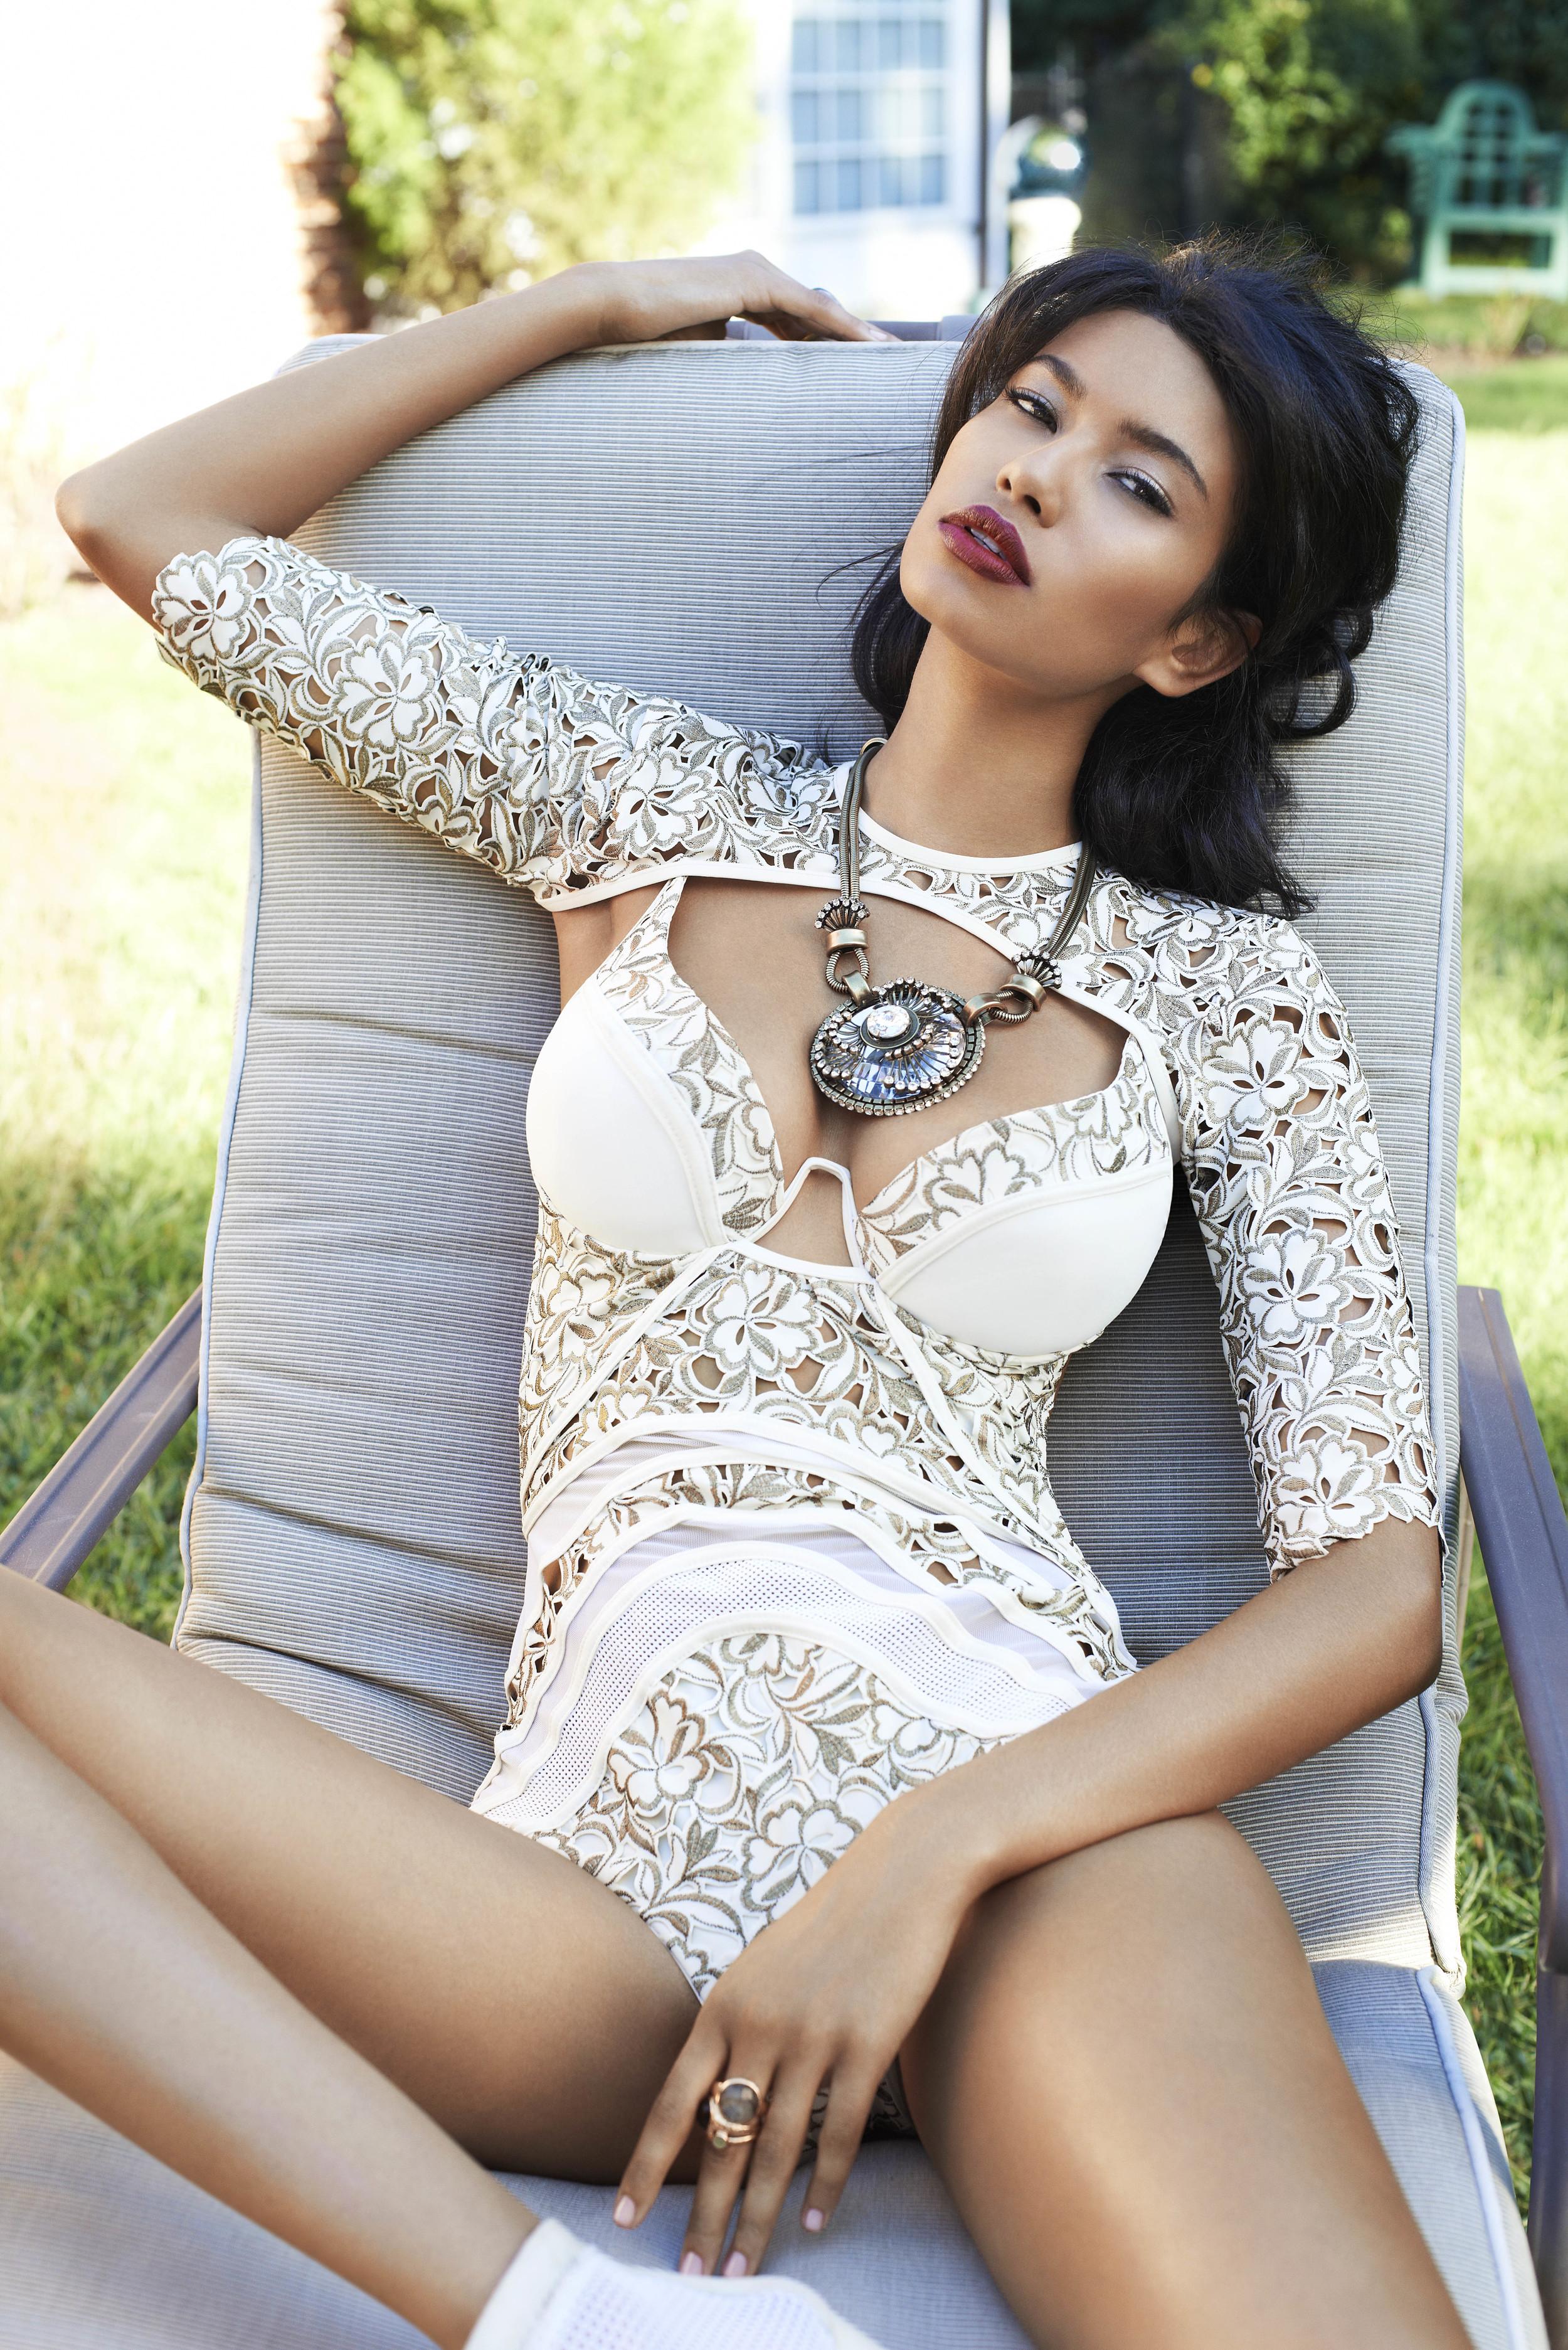 Cosmo for Latinas Magazine Fashion Feature. Photo: Naomi Kaltman.